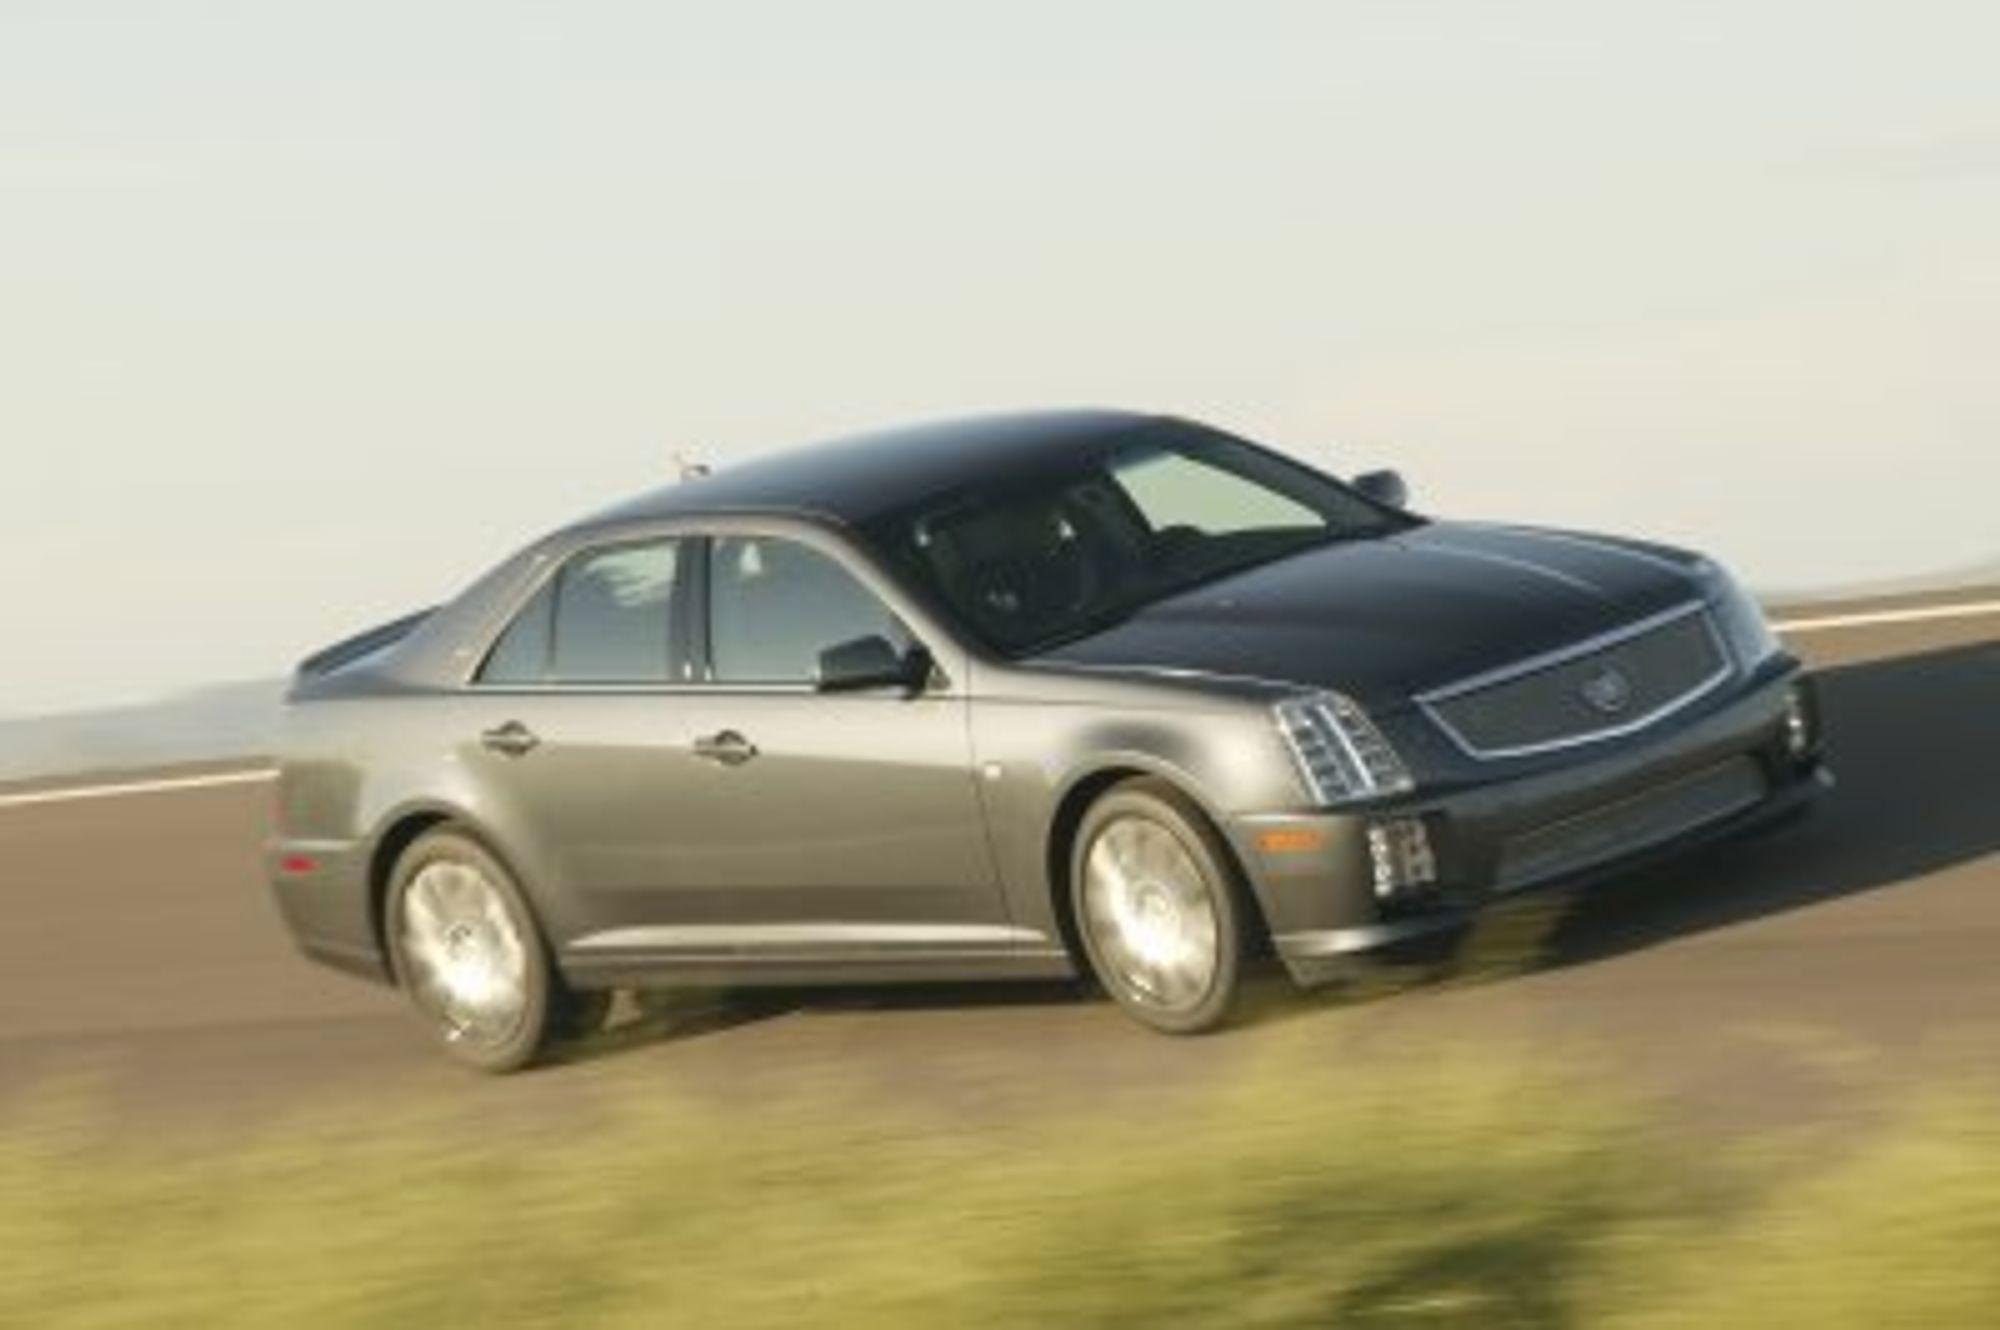 TOTONNS: To tonn jern og stål, kompressormatet V8-motor på 500 hk og 775 Nm moment er det i jubileumsutgaven av Cadillac STS, men bilen er 100% amerikansk og viser lite av den fremtidsteknikk som bl.a. EU vil komme til å kreve - ikke minst m.h.t. lavere utslipp og økt resirkuleringsgrad.